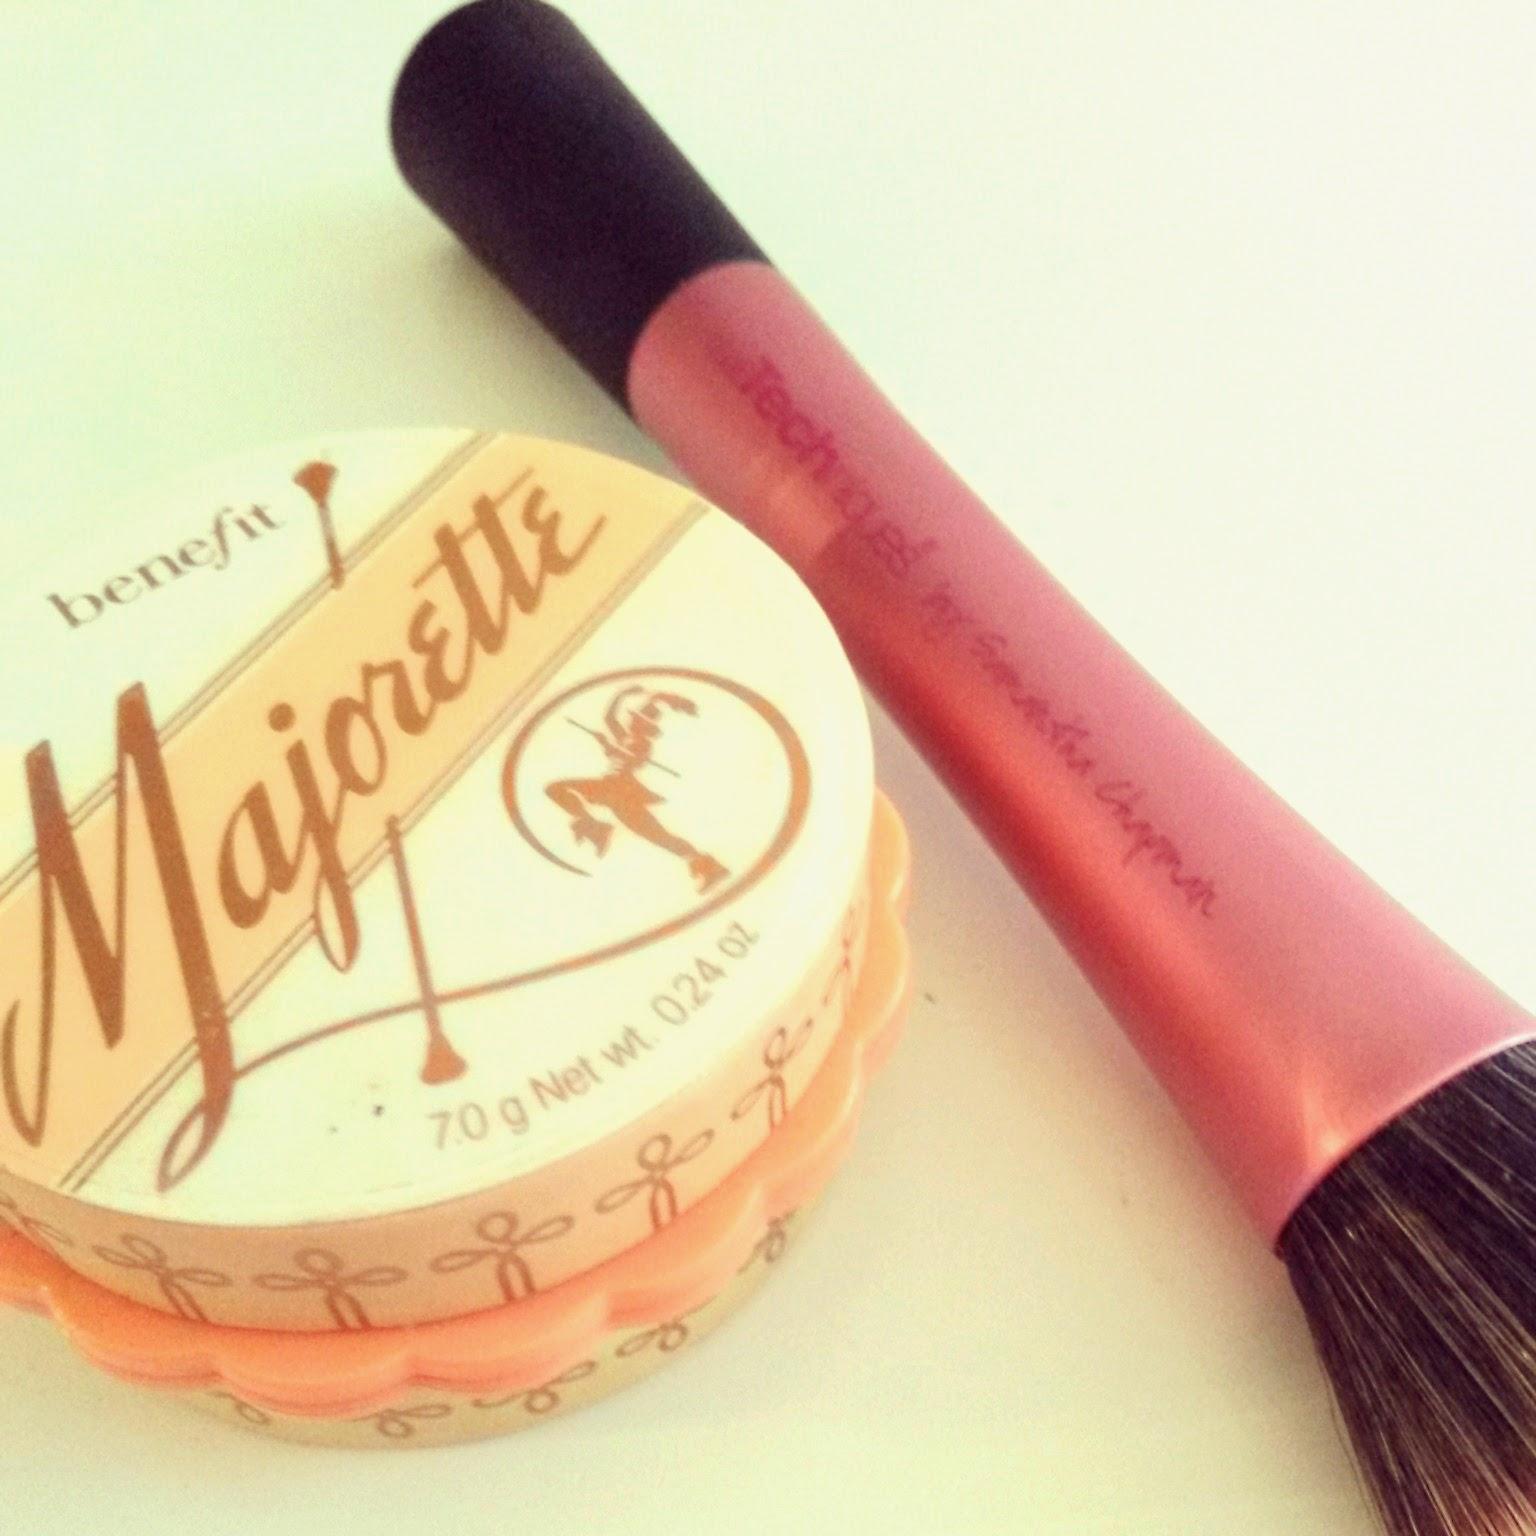 Apply Majorette with stippling brush